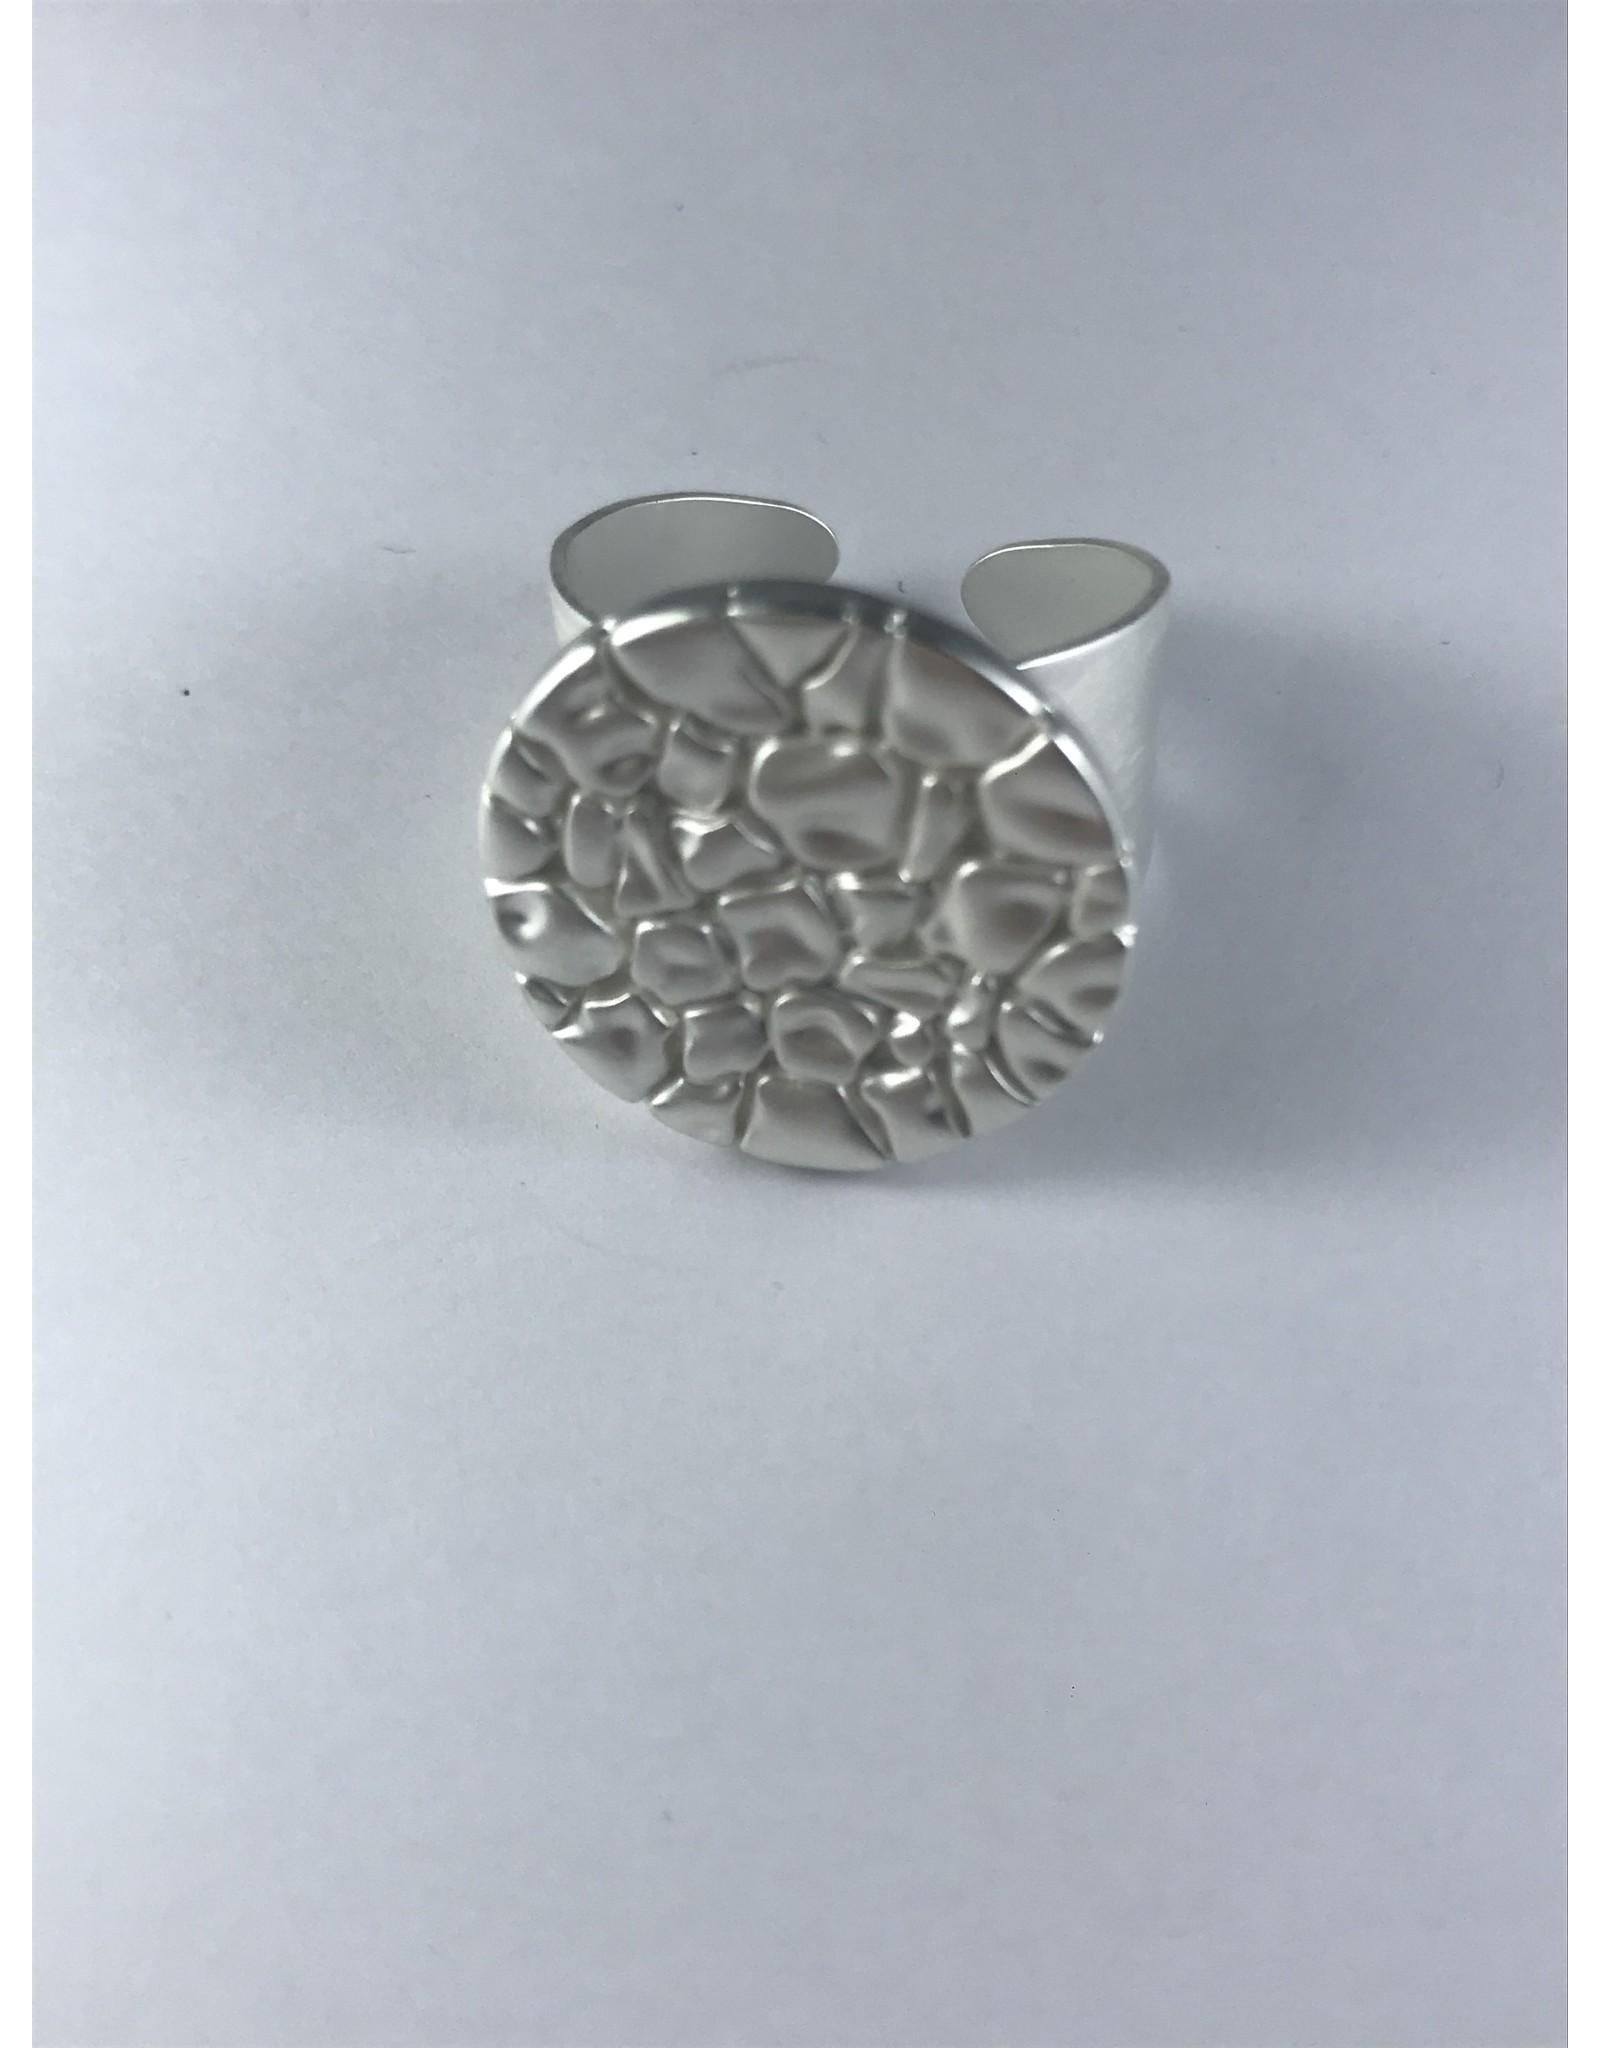 Axxes-Soir Ring - 1 maat - verstelbaar-zilverkleurig - stempel